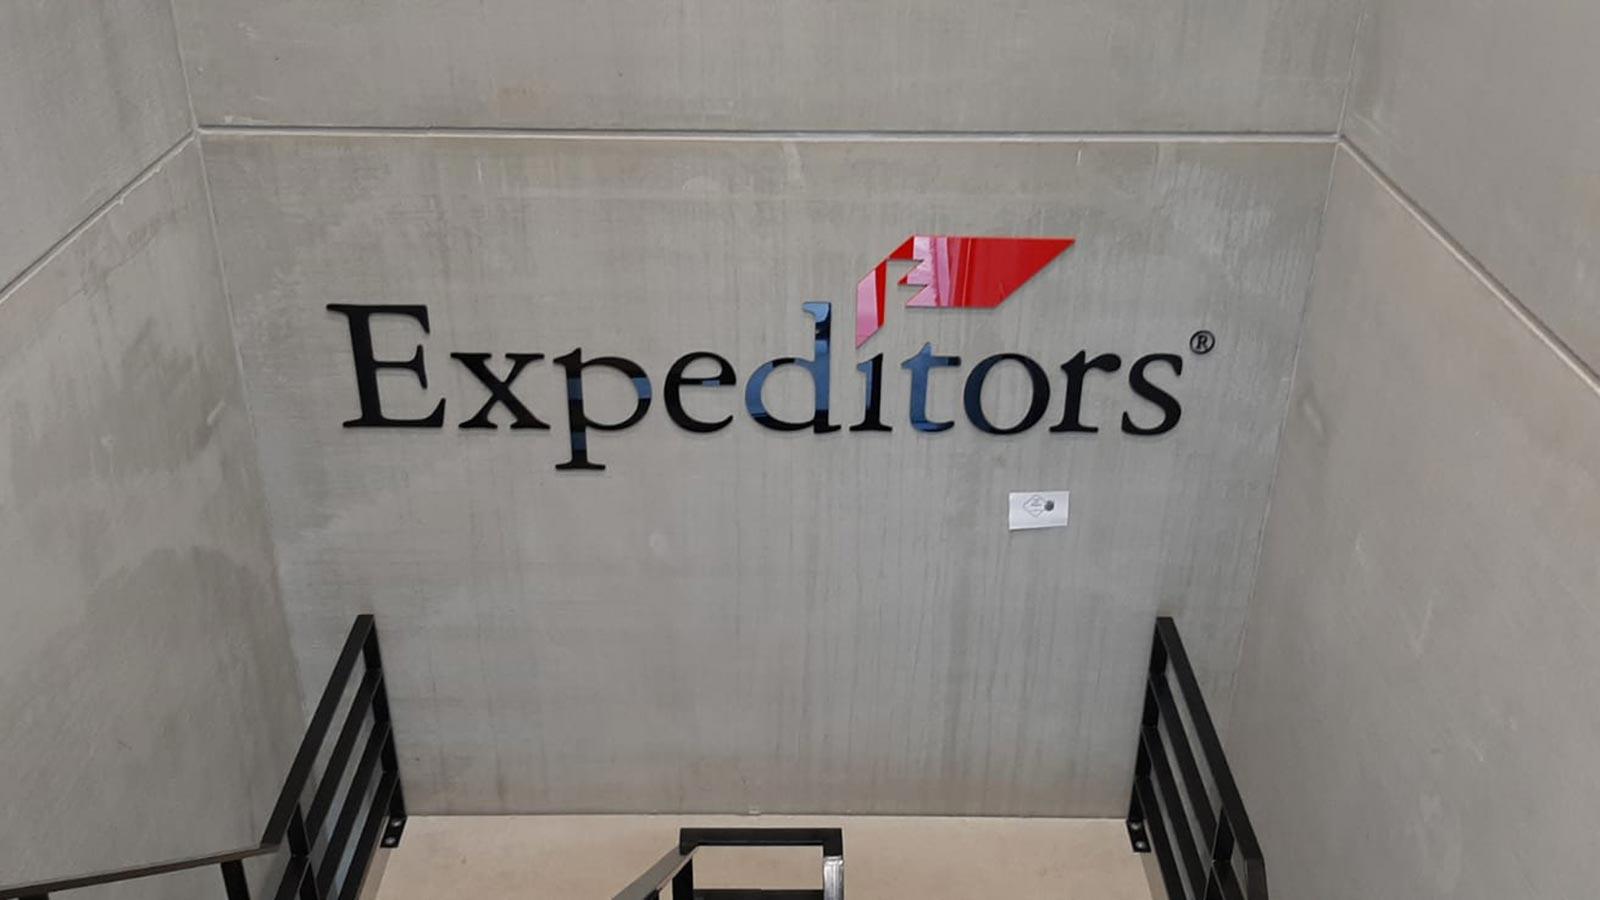 Van Riemsdijk Reklame - Binnenreclame - Expeditors